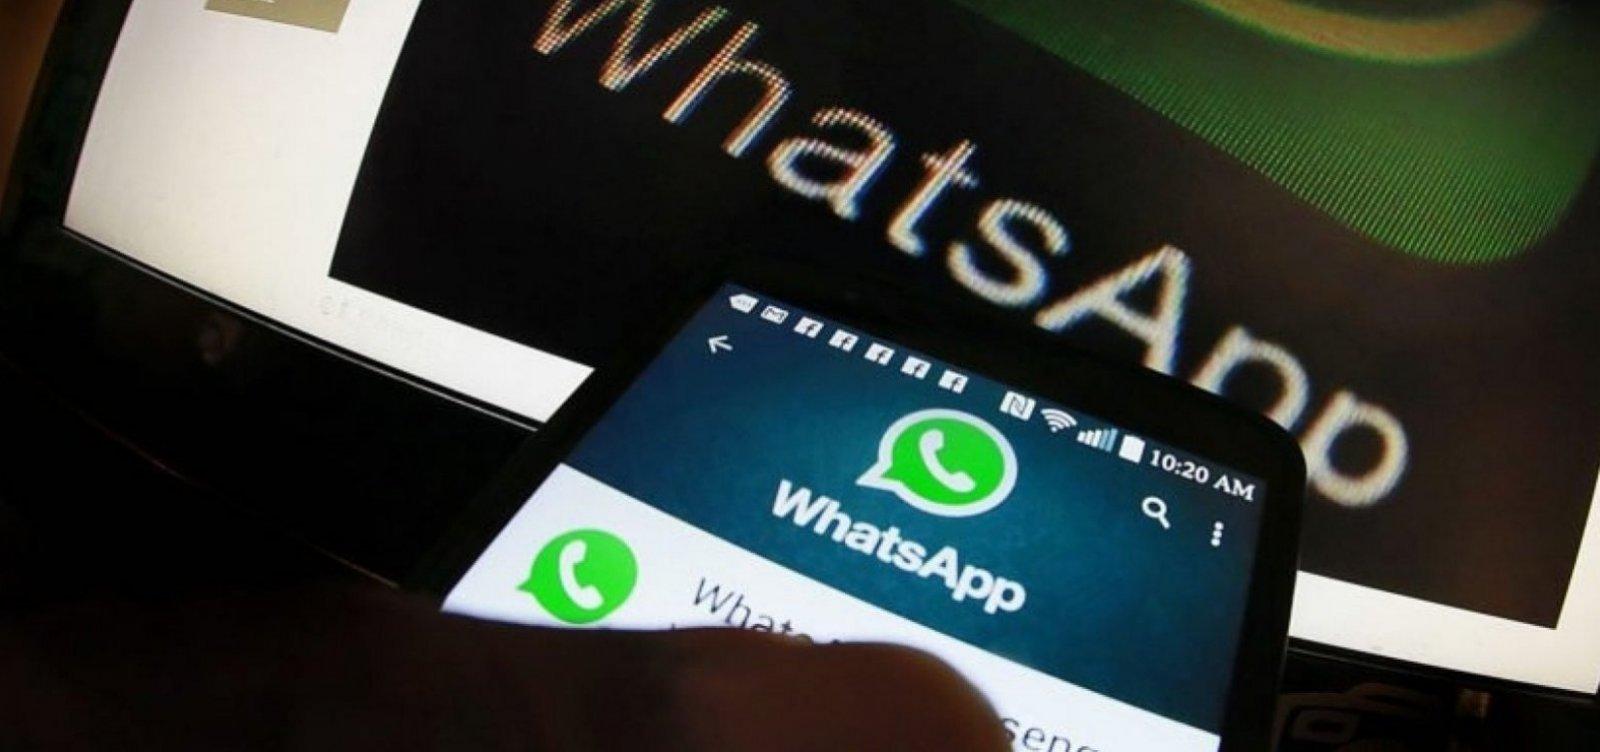 [Datafolha: 47% dos eleitores acreditam nas notícias recebidas via Whatsapp]